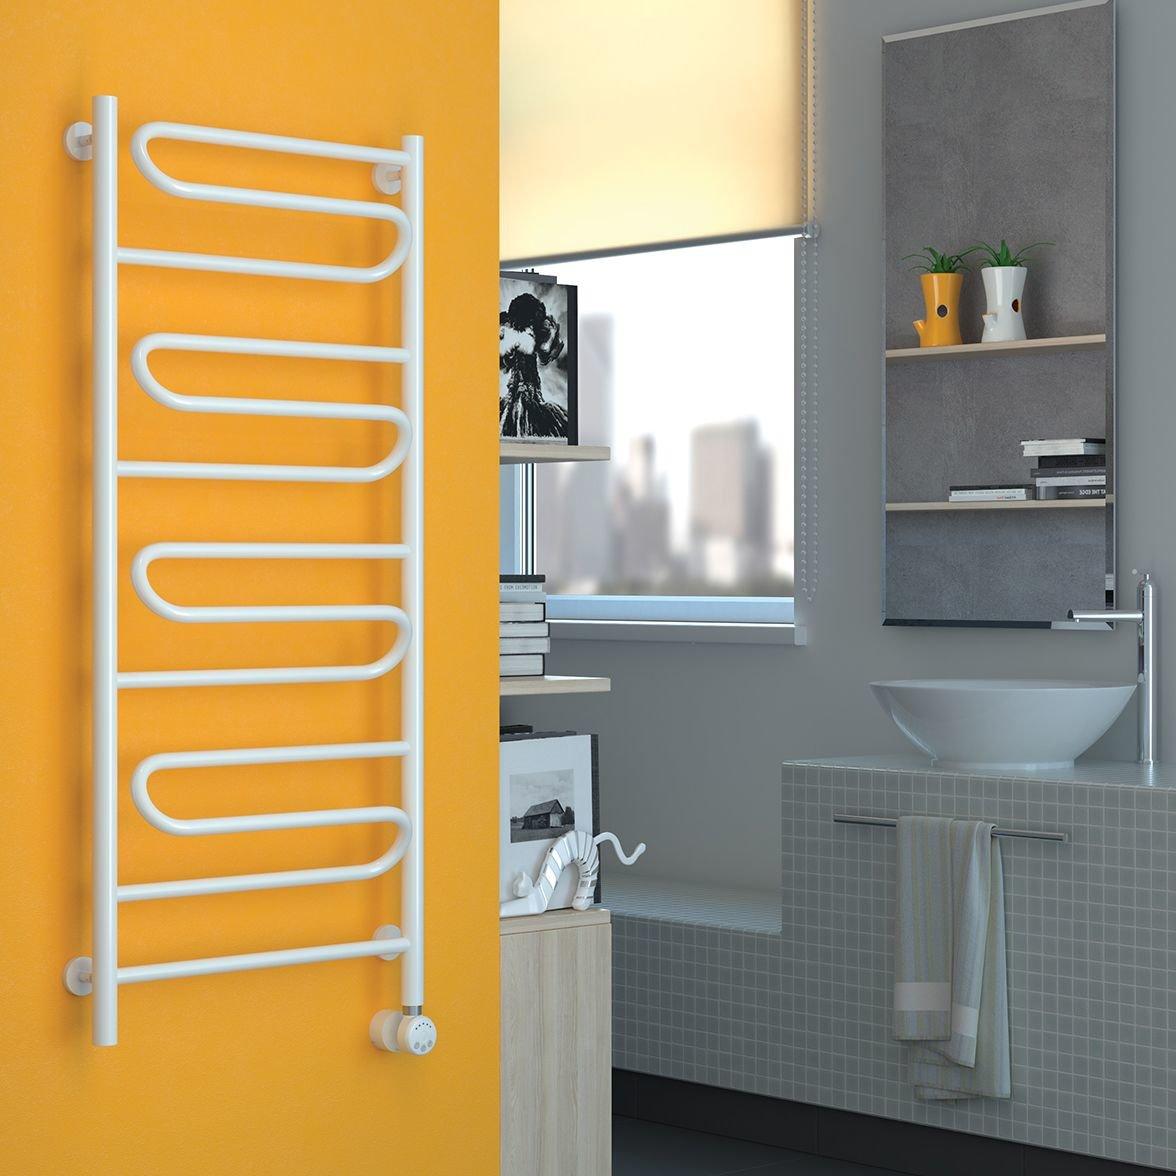 Устройство инфракрасного обогревателя для установки в ванную комнату, его плюсы и минусы